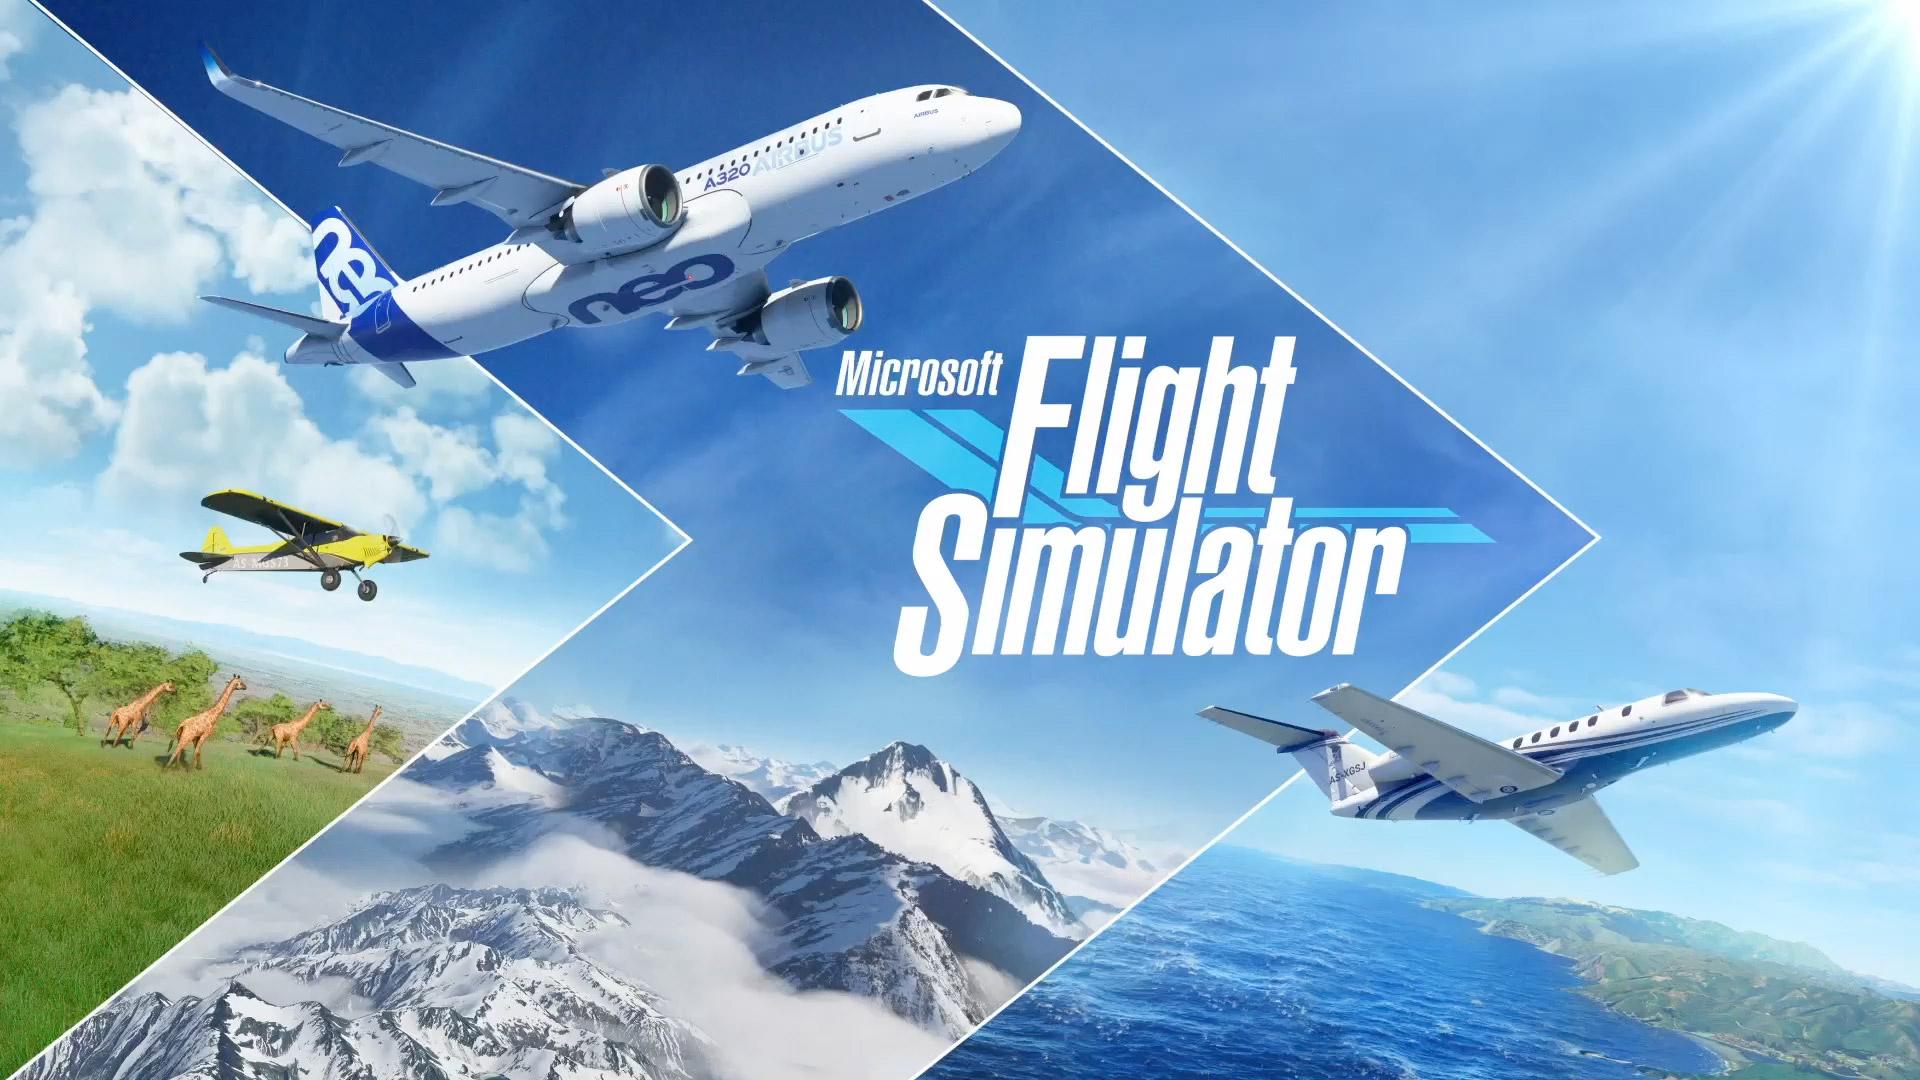 ¡Microsoft Flight Simulator es el mayor lanzamiento de un juego en Xbox Game Pass para PC en la historia, con más de 1 millón de jugadores a la fecha!